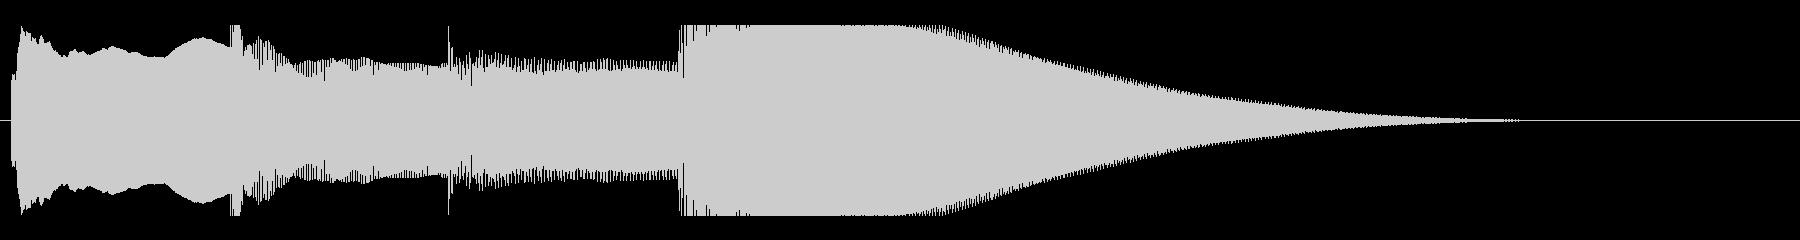 アナウンス後 チャイム-3_dryの未再生の波形